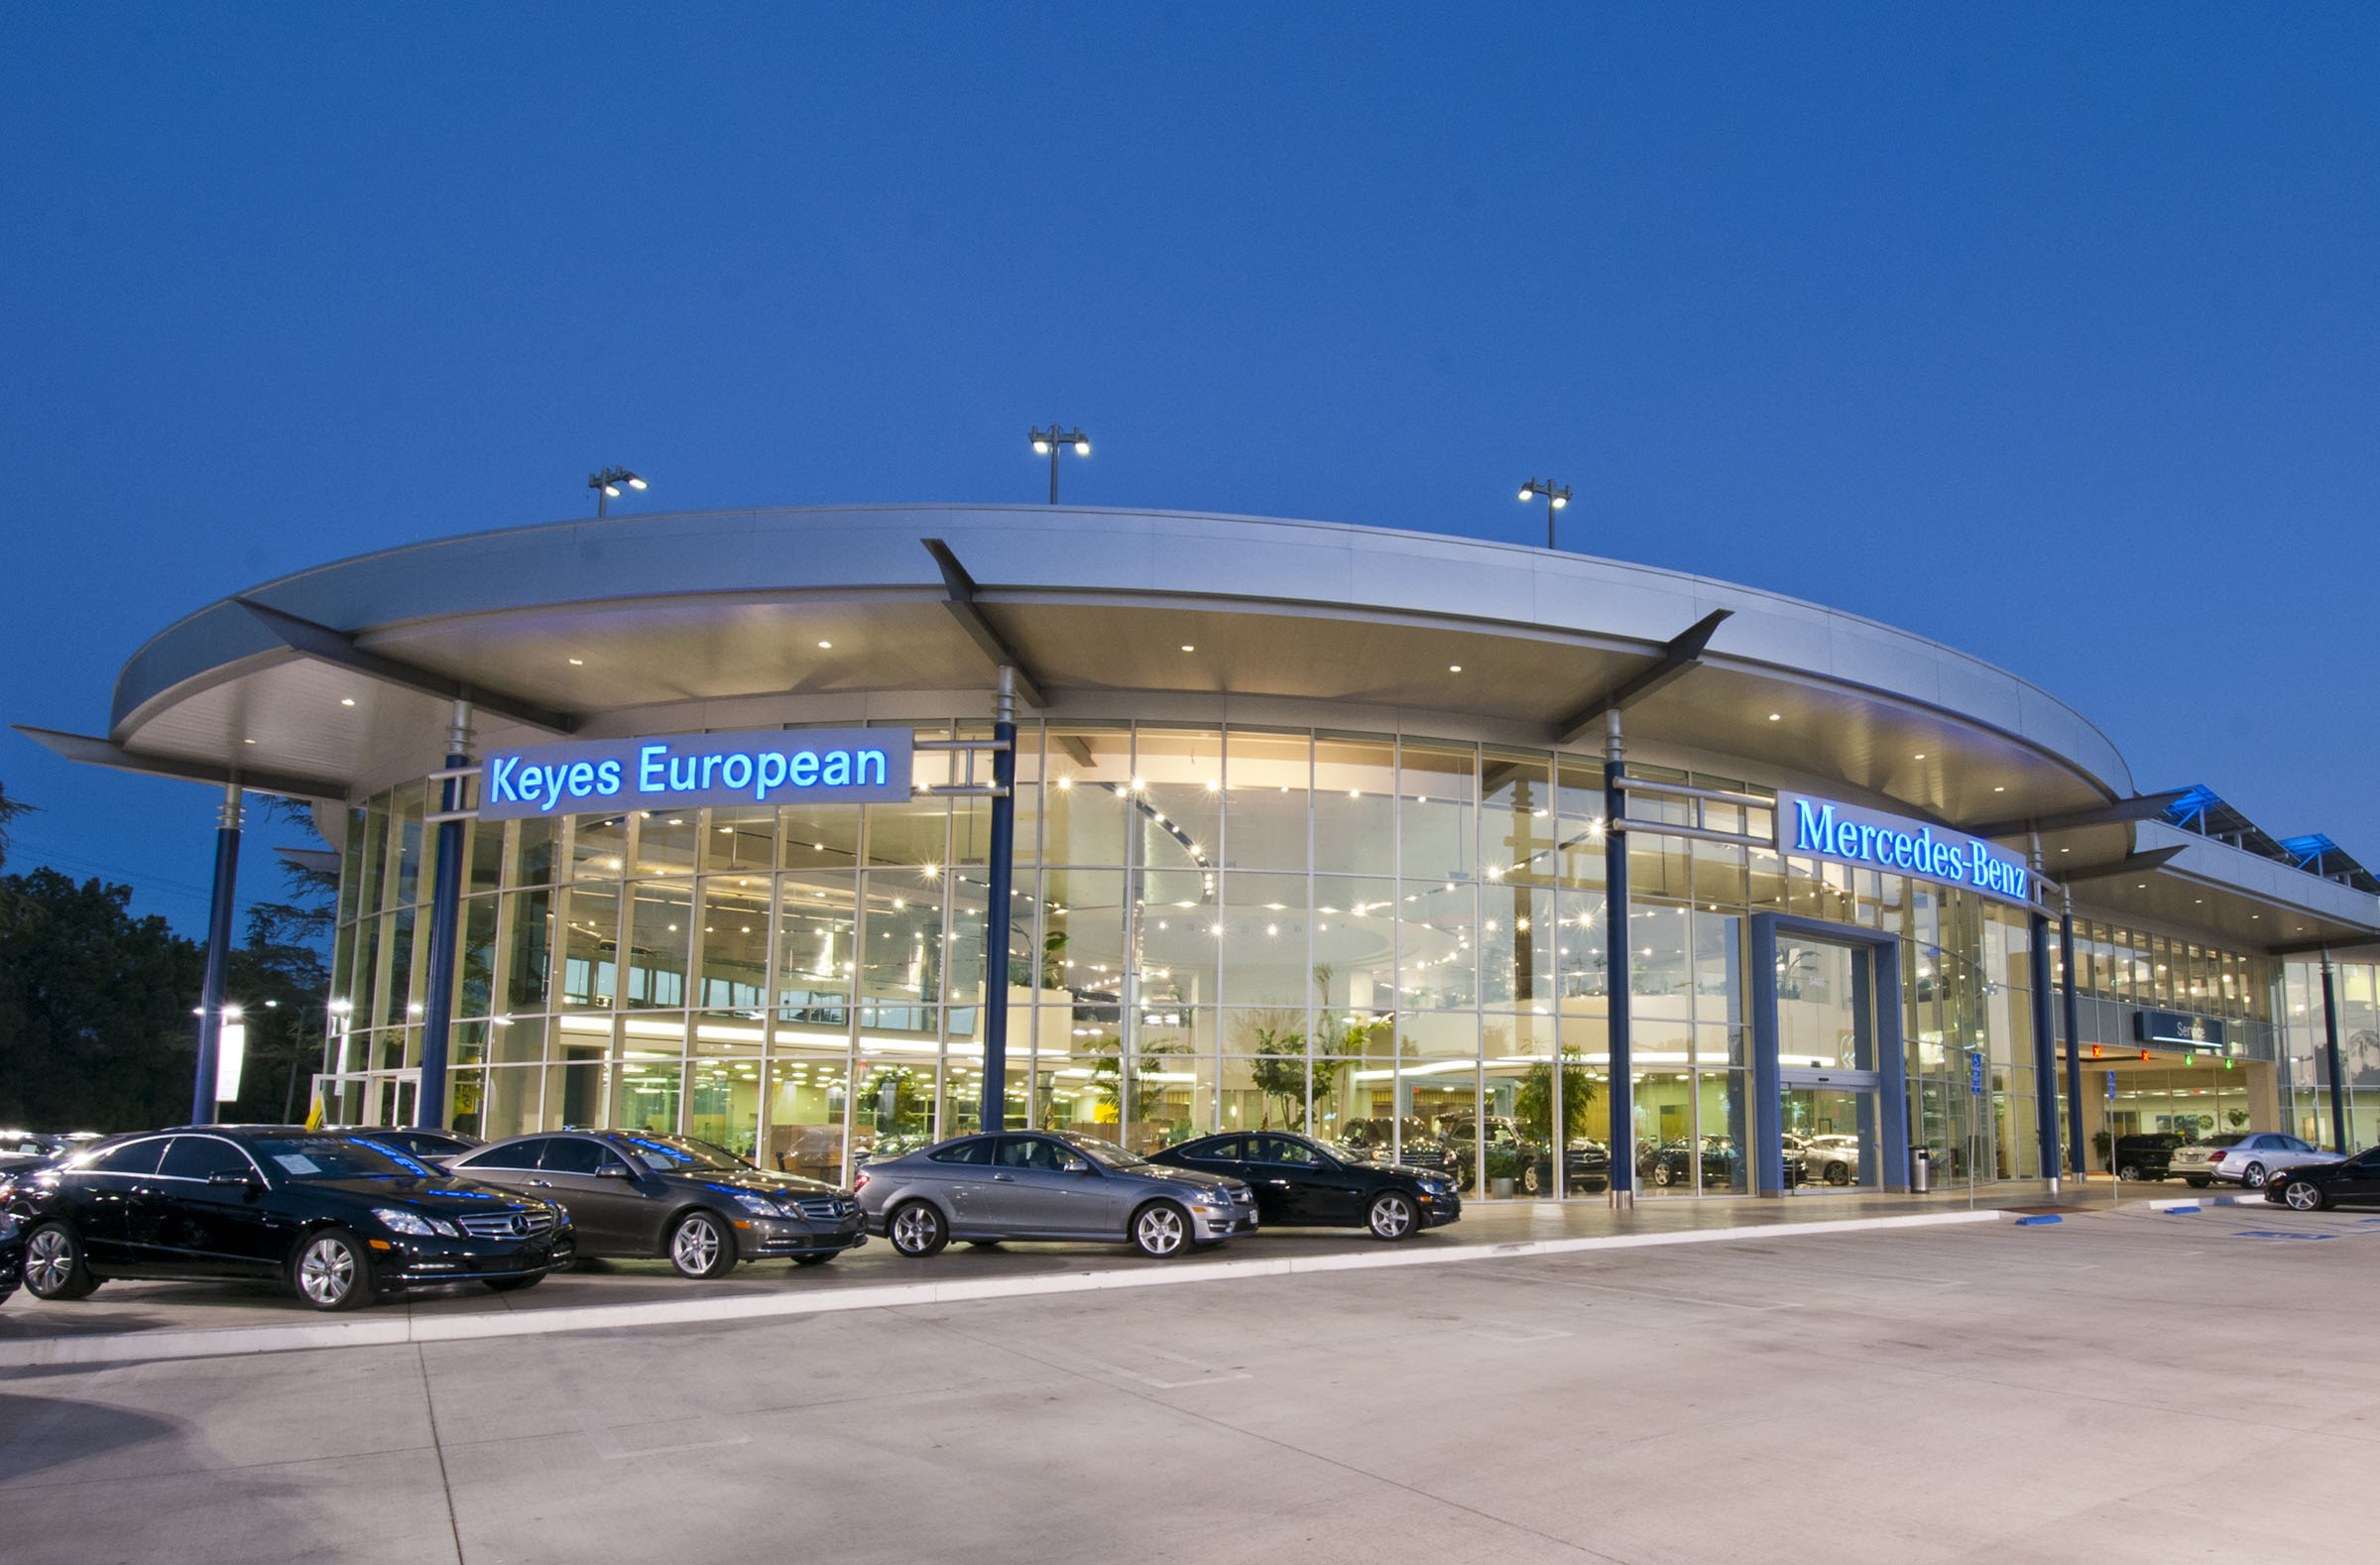 Keyes European Lighting Design Alliance